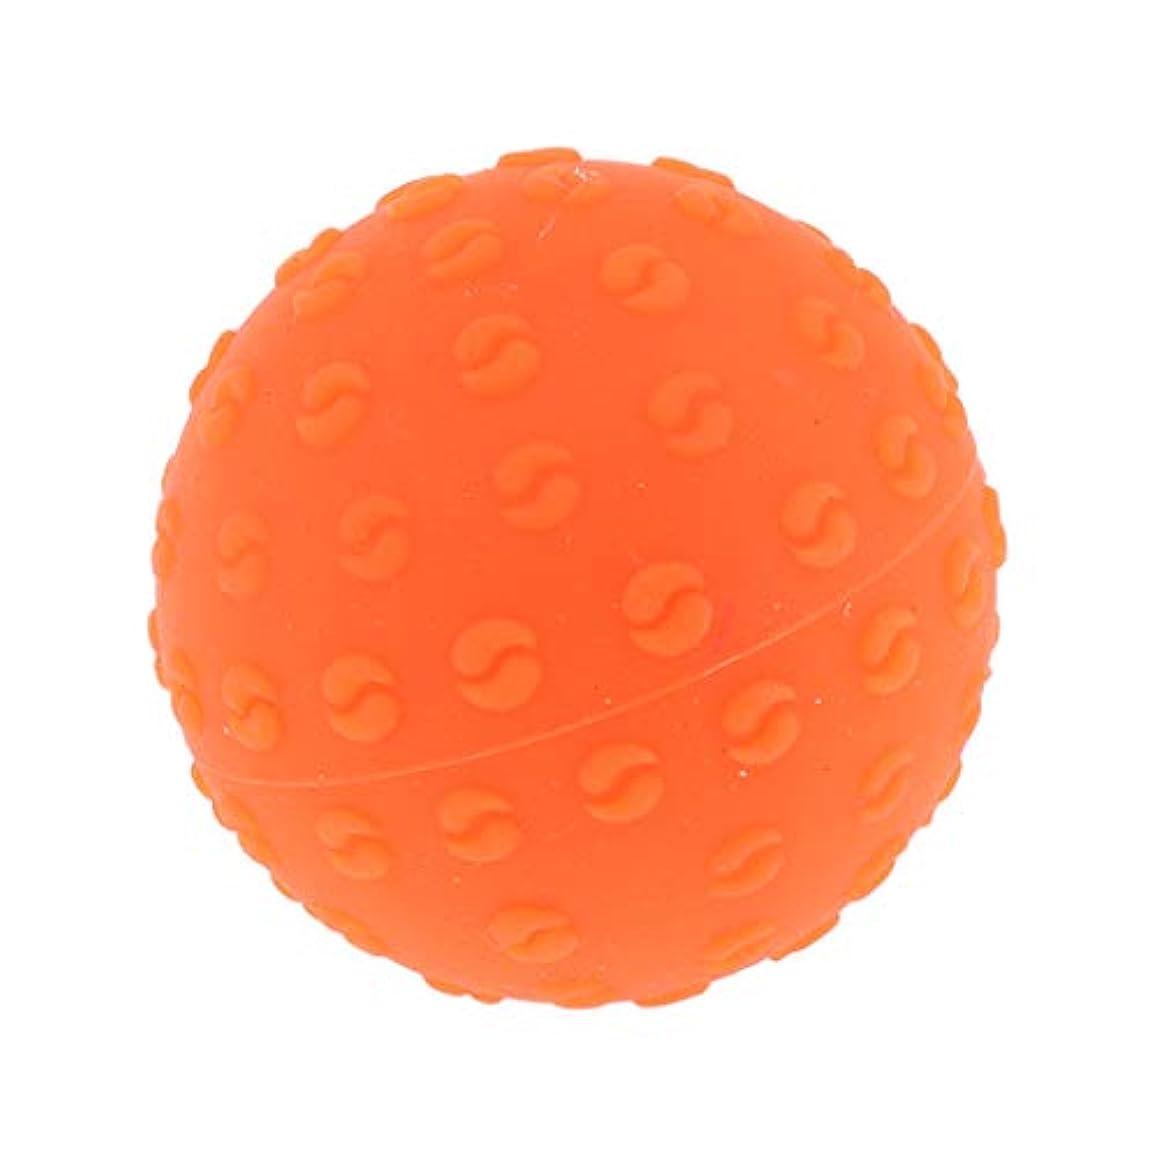 導入する十二クリケット全6色 シリコーンマッサージボール 指圧ボール トリガーポイント ヨガ 肩、足、首、腕 解消 耐摩耗 - オレンジ, 説明のとおり